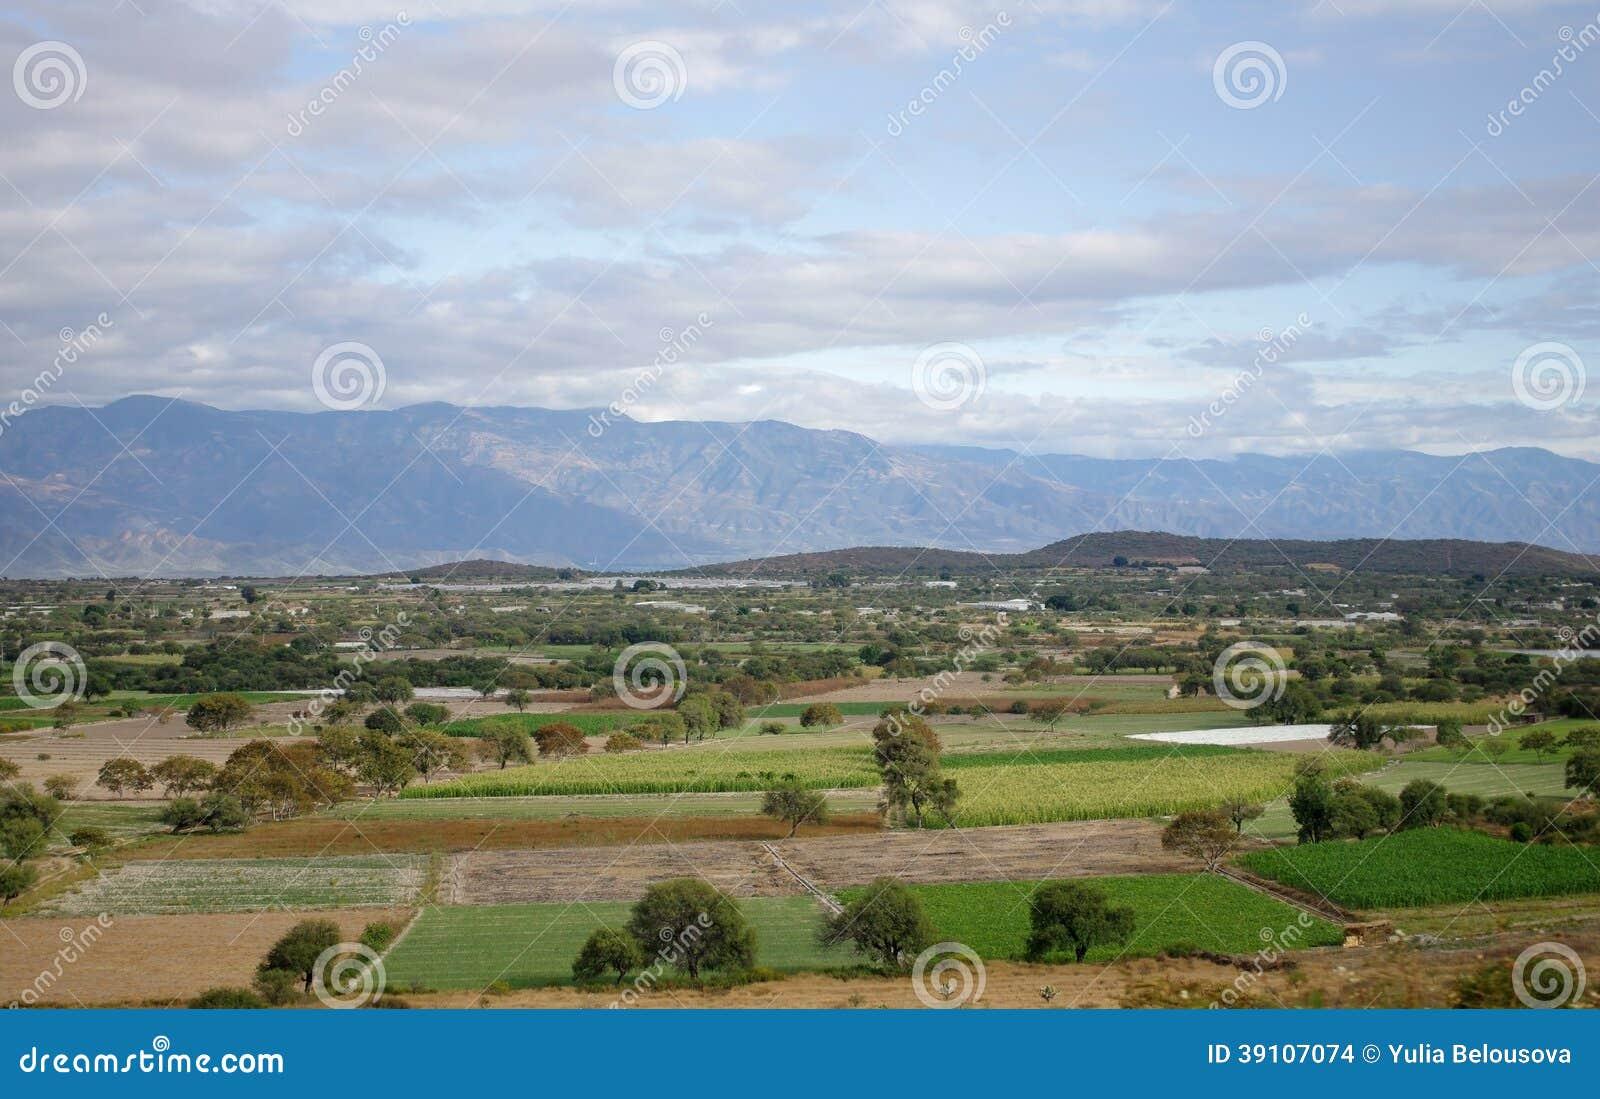 Het landschap van Mexico